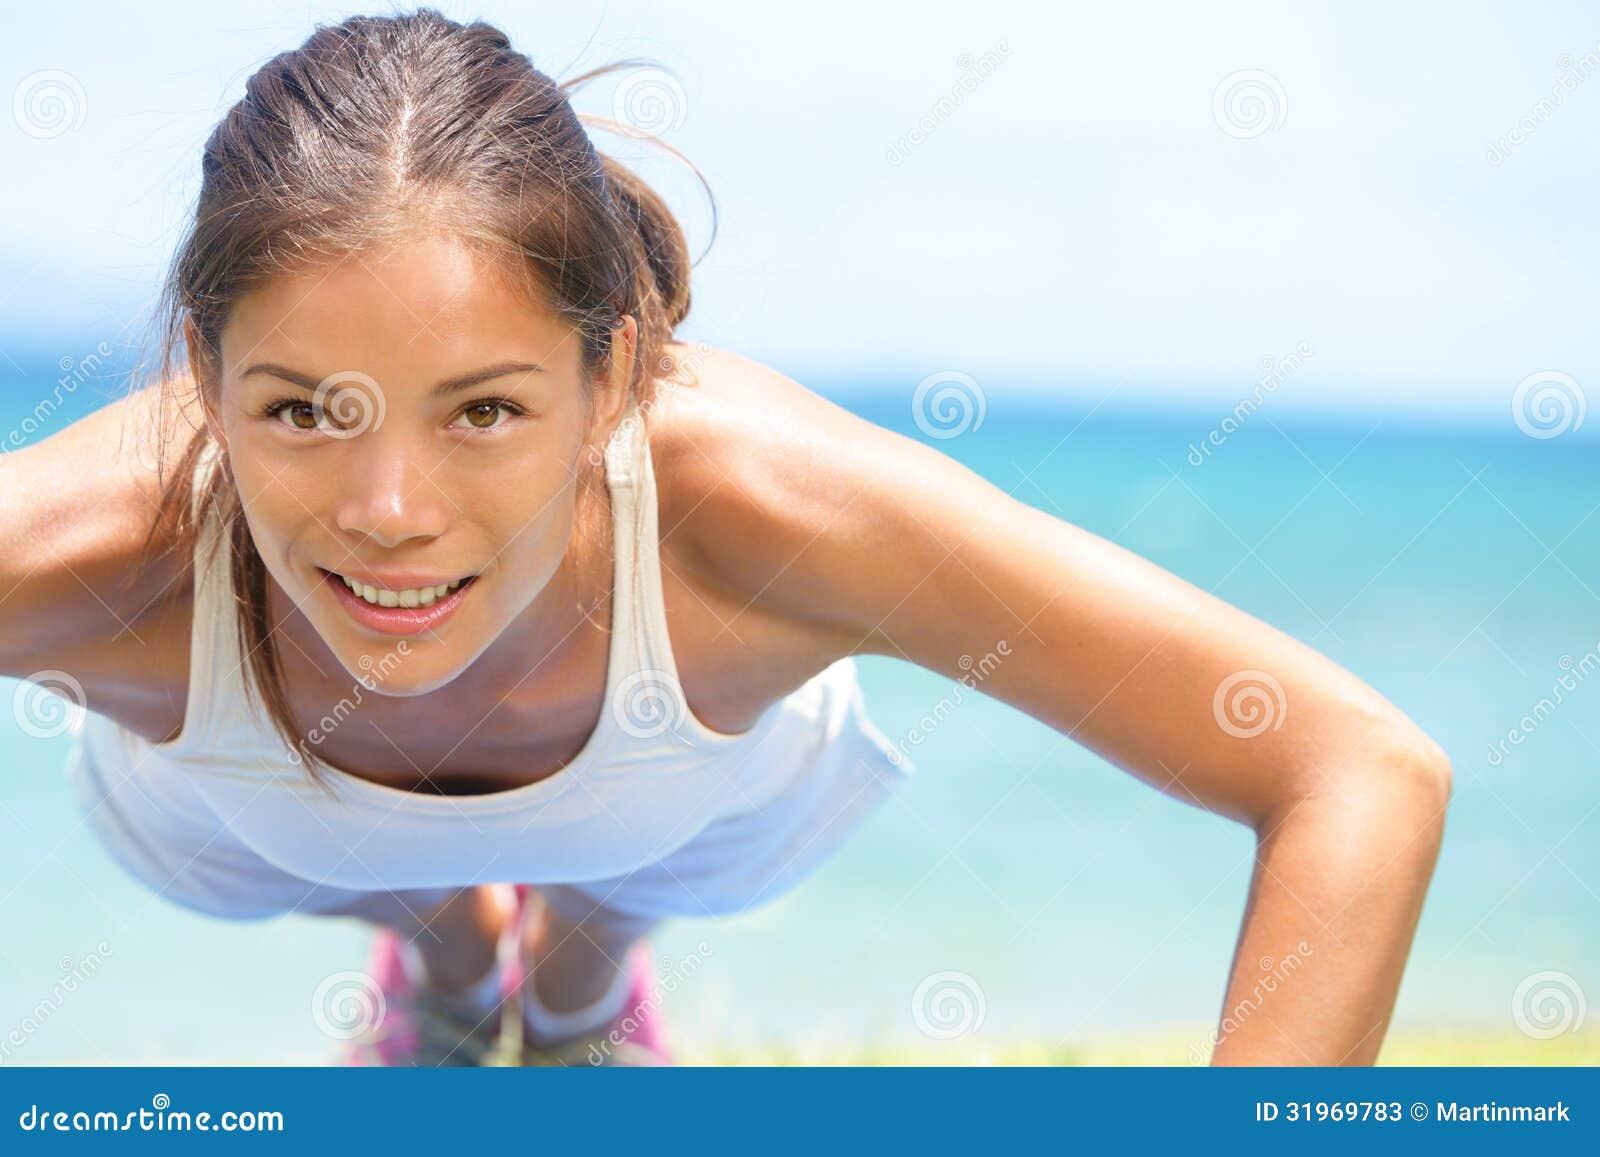 Sportfitness vrouw opleidingsopdrukoefeningen